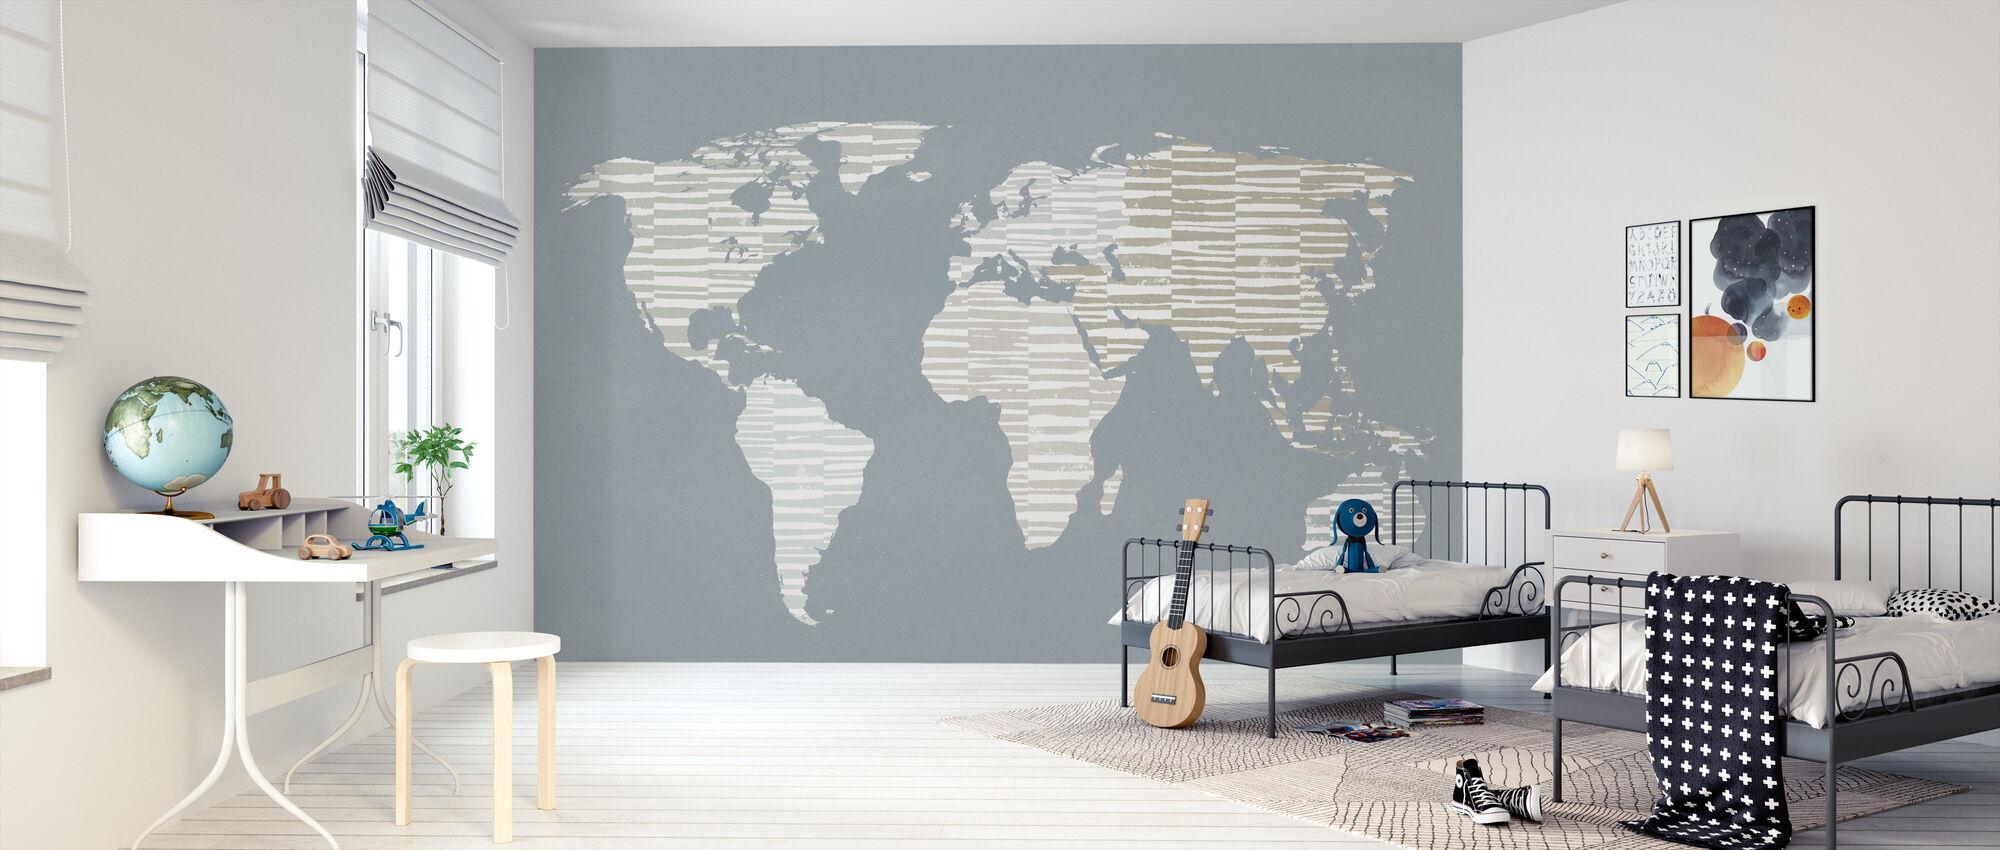 Calm World Map - Wallpaper - Kids Room